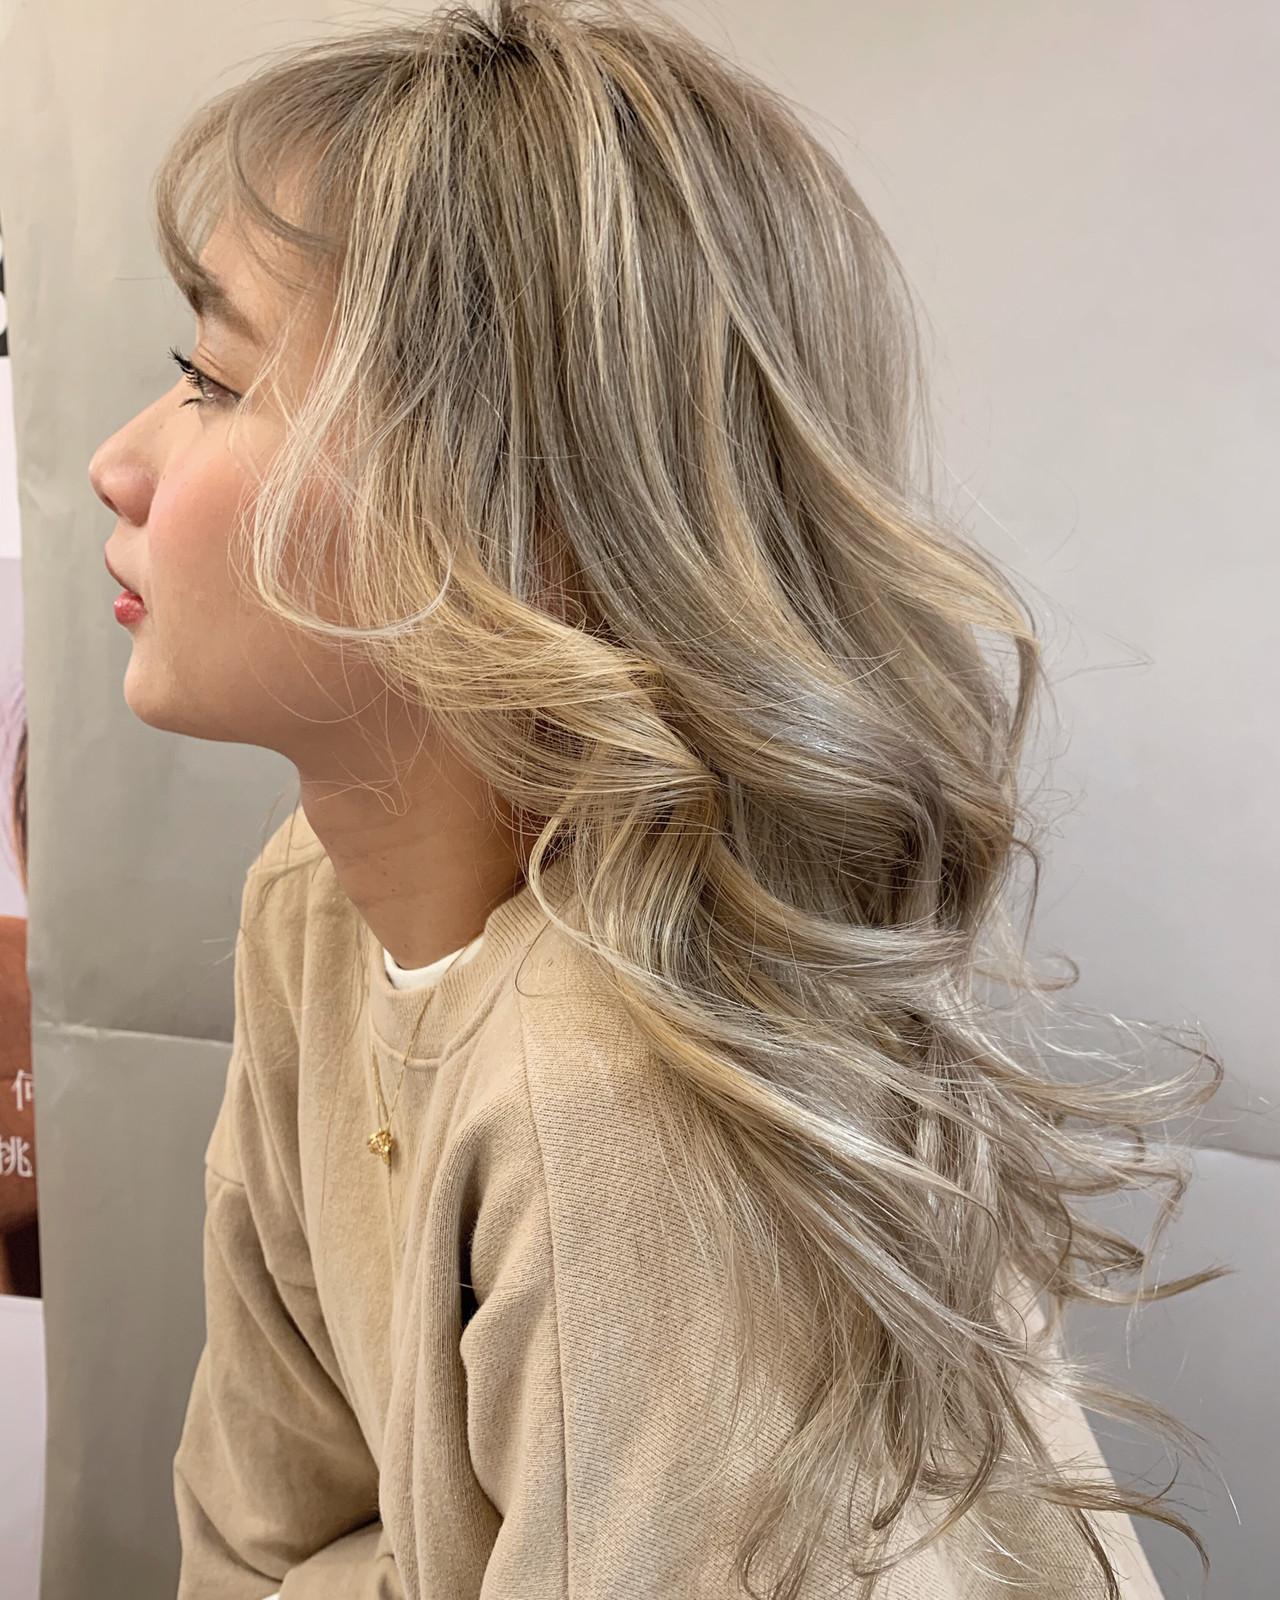 スポーツ デート ロング オフィス ヘアスタイルや髪型の写真・画像 | 安永怜 / kakimotoarms田園調布